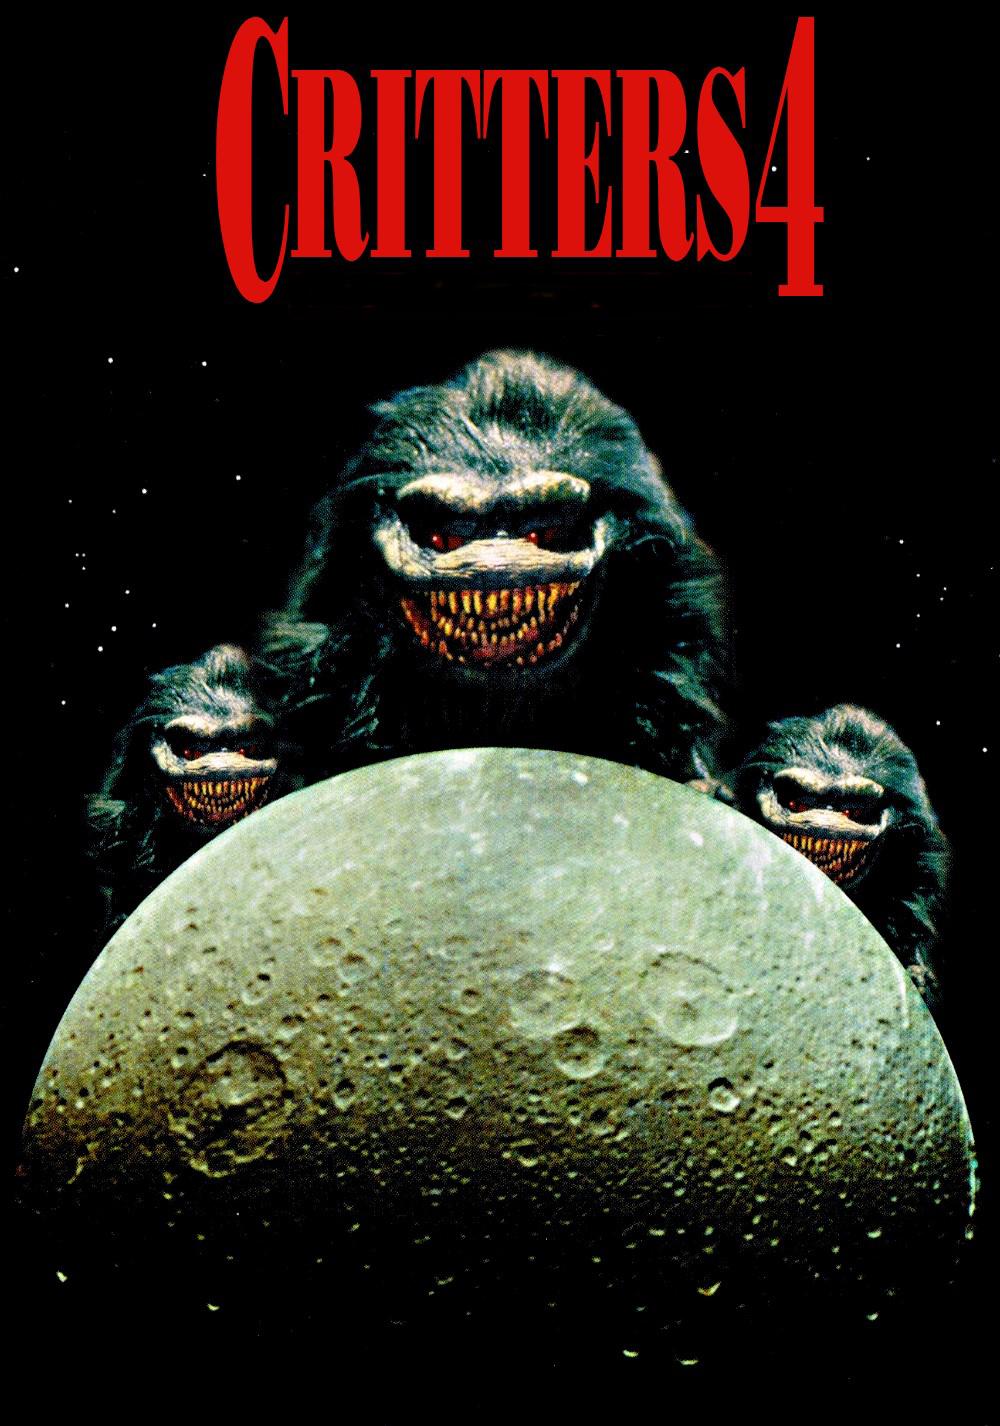 Critters 4 [1992] [DVDR] [NTSC] [Latino]